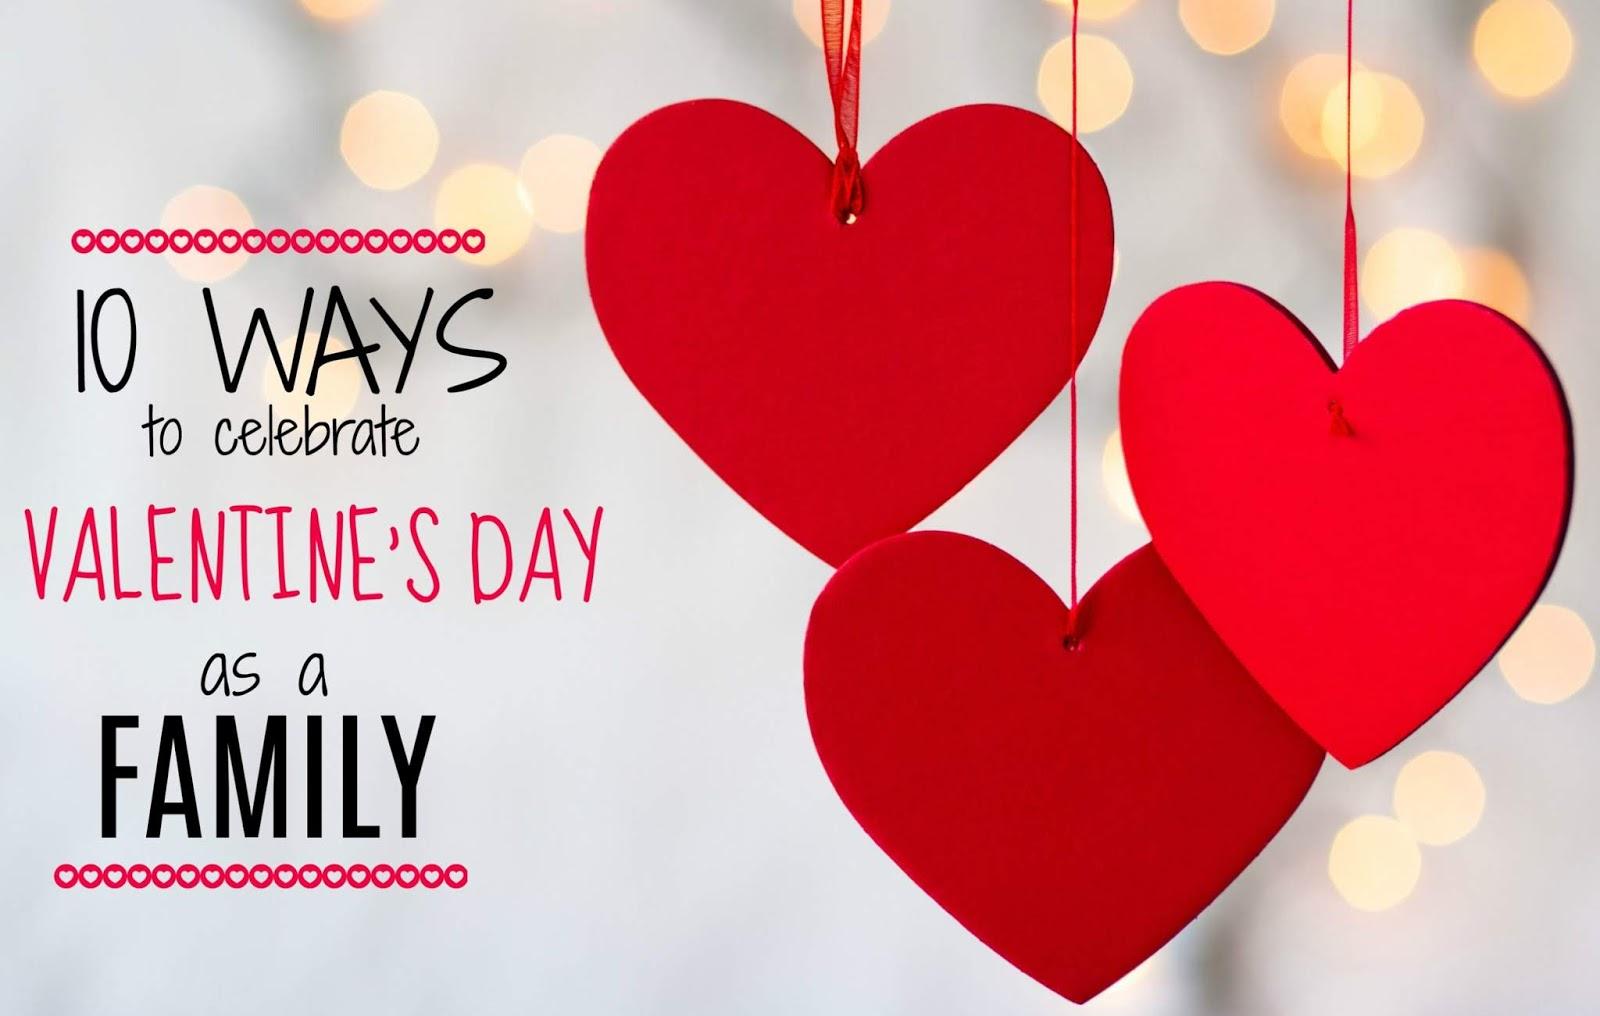 bri celebrate valentines day - HD1600×1016